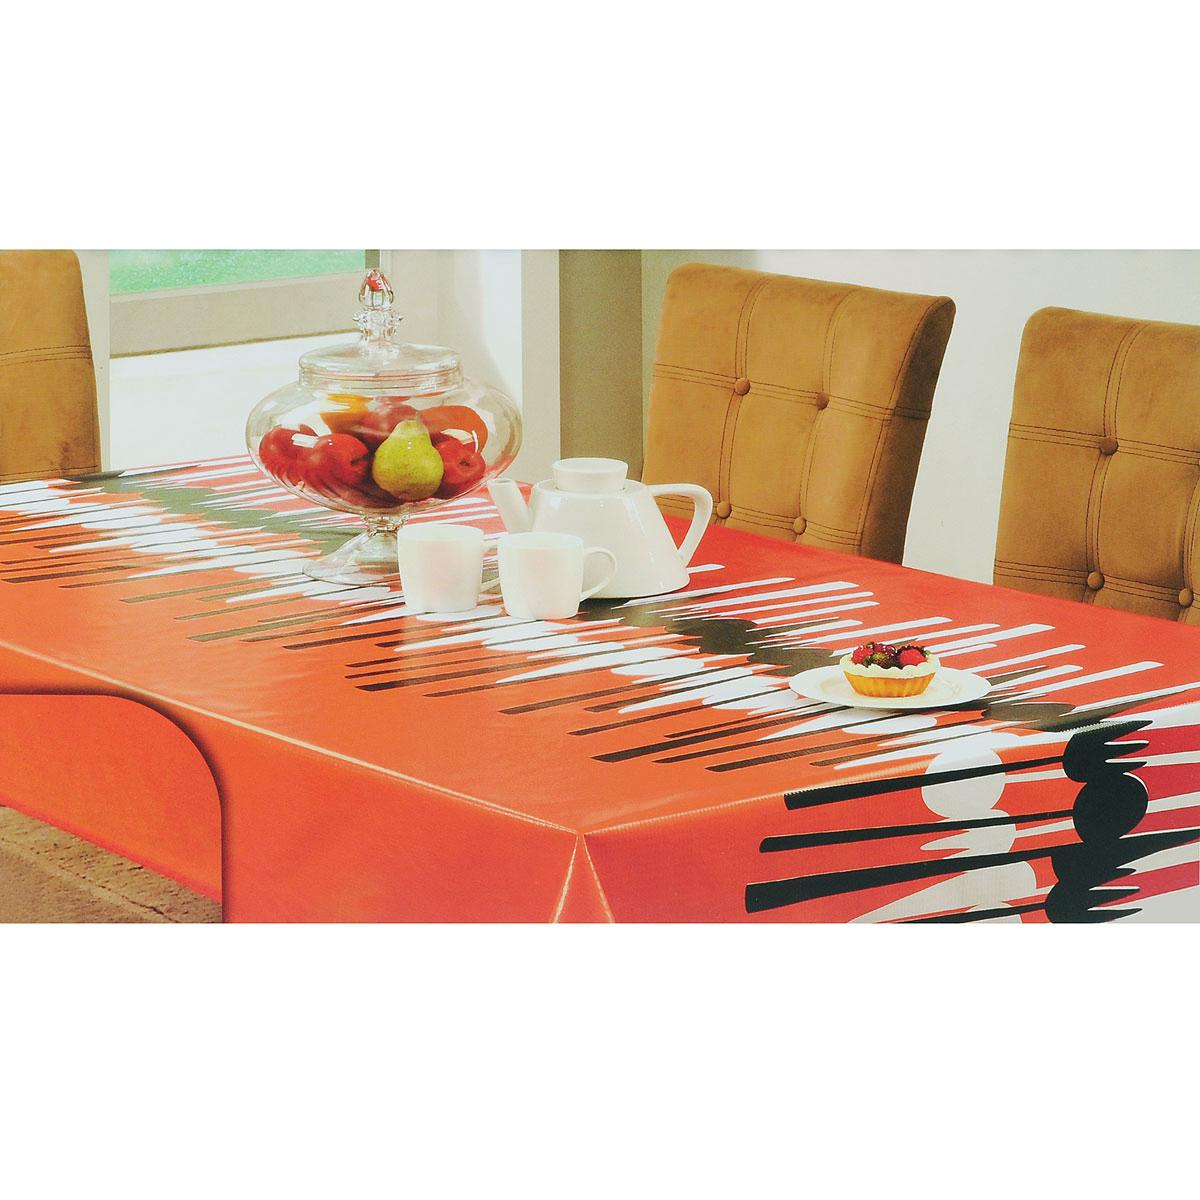 Скатерть White Fox Осень, прямоугольная, цвет: красный, оранжевый, 152 x 228 смWКTC72-260Прямоугольная скатерть White Fox Осень, выполненная из ПВХ с основой из флиса, предназначена для защиты стола от царапин, пятен и крошек. Край скатерти обработан тканью. Скатерть оформлена изображением столовых приборов, а рифлёная поверхность скатерти формирует приятные тактильные ощущения, при этом частички пищи удаляются с легкостью и поверхность остается всегда чистой. Скатерть термостойкая выдерживает температуру до +70 °C. Скатерть White Fox проста в уходе - её можно протирать любыми моющими средствами при необходимости. Скатерть упакована в виниловый пакет с внутренним цветным вкладышем и подвесом в виде крючка.